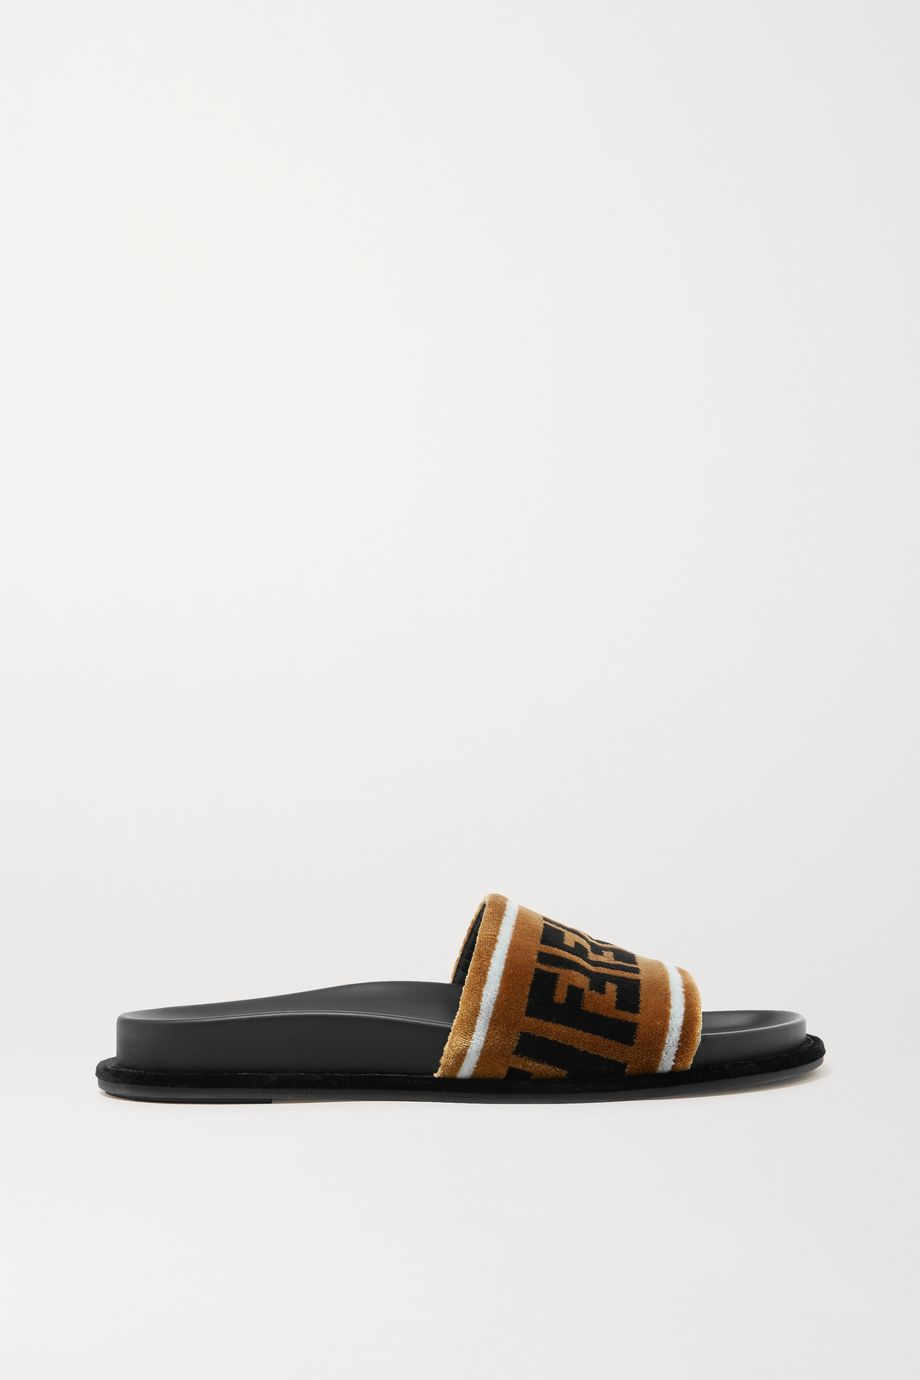 Fendi 品牌标志印花天鹅绒拖鞋